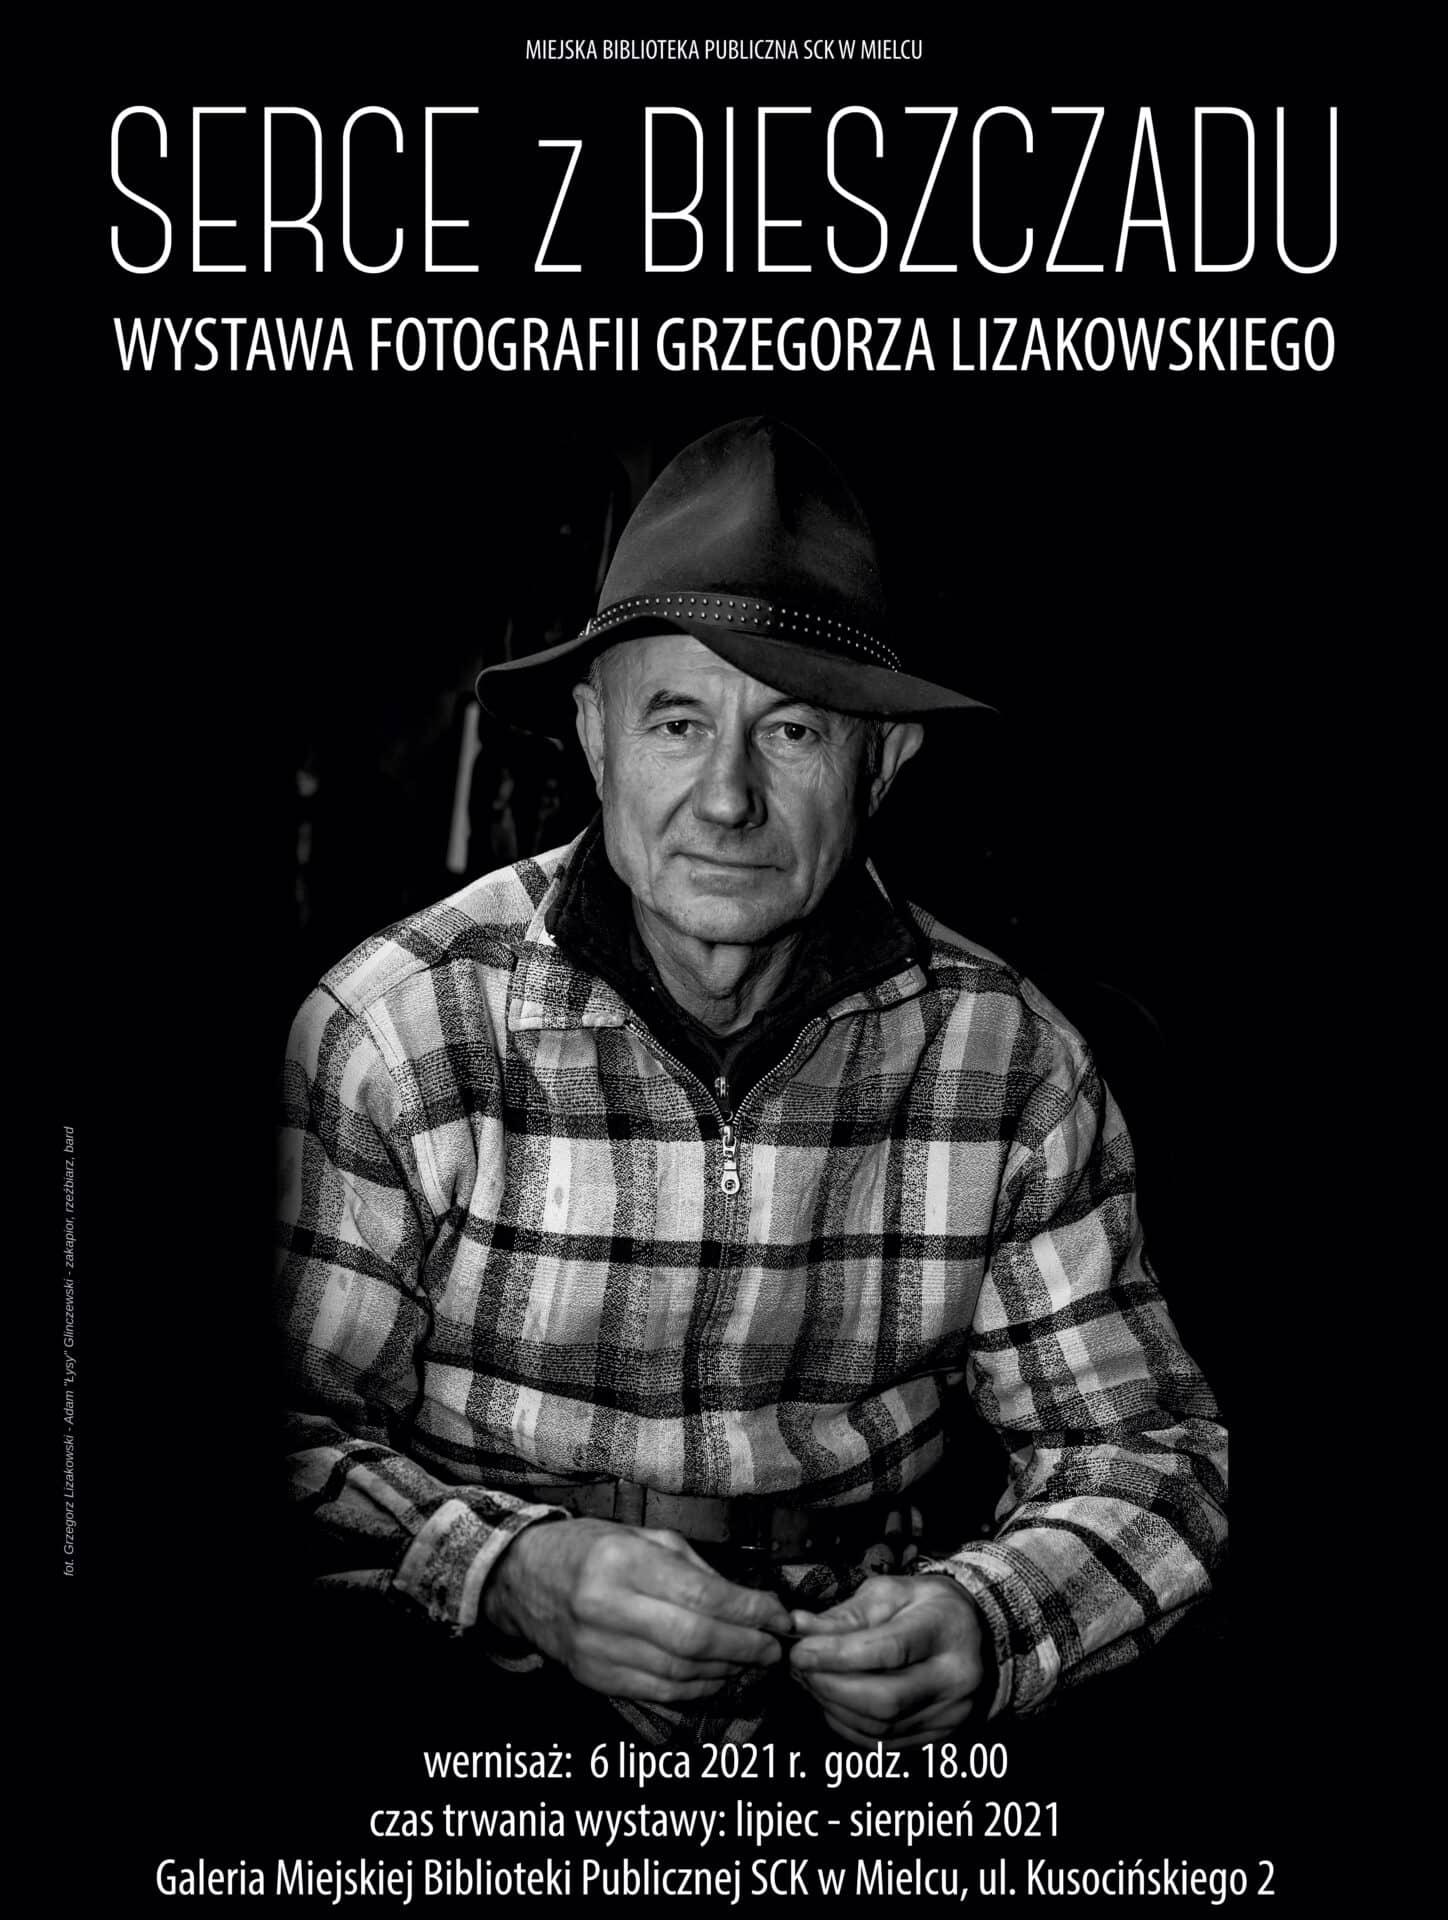 Fotografią opowiada o Bieszczadach. Wernisaż Grzegorza Lizakowskiego - Zdjęcie główne